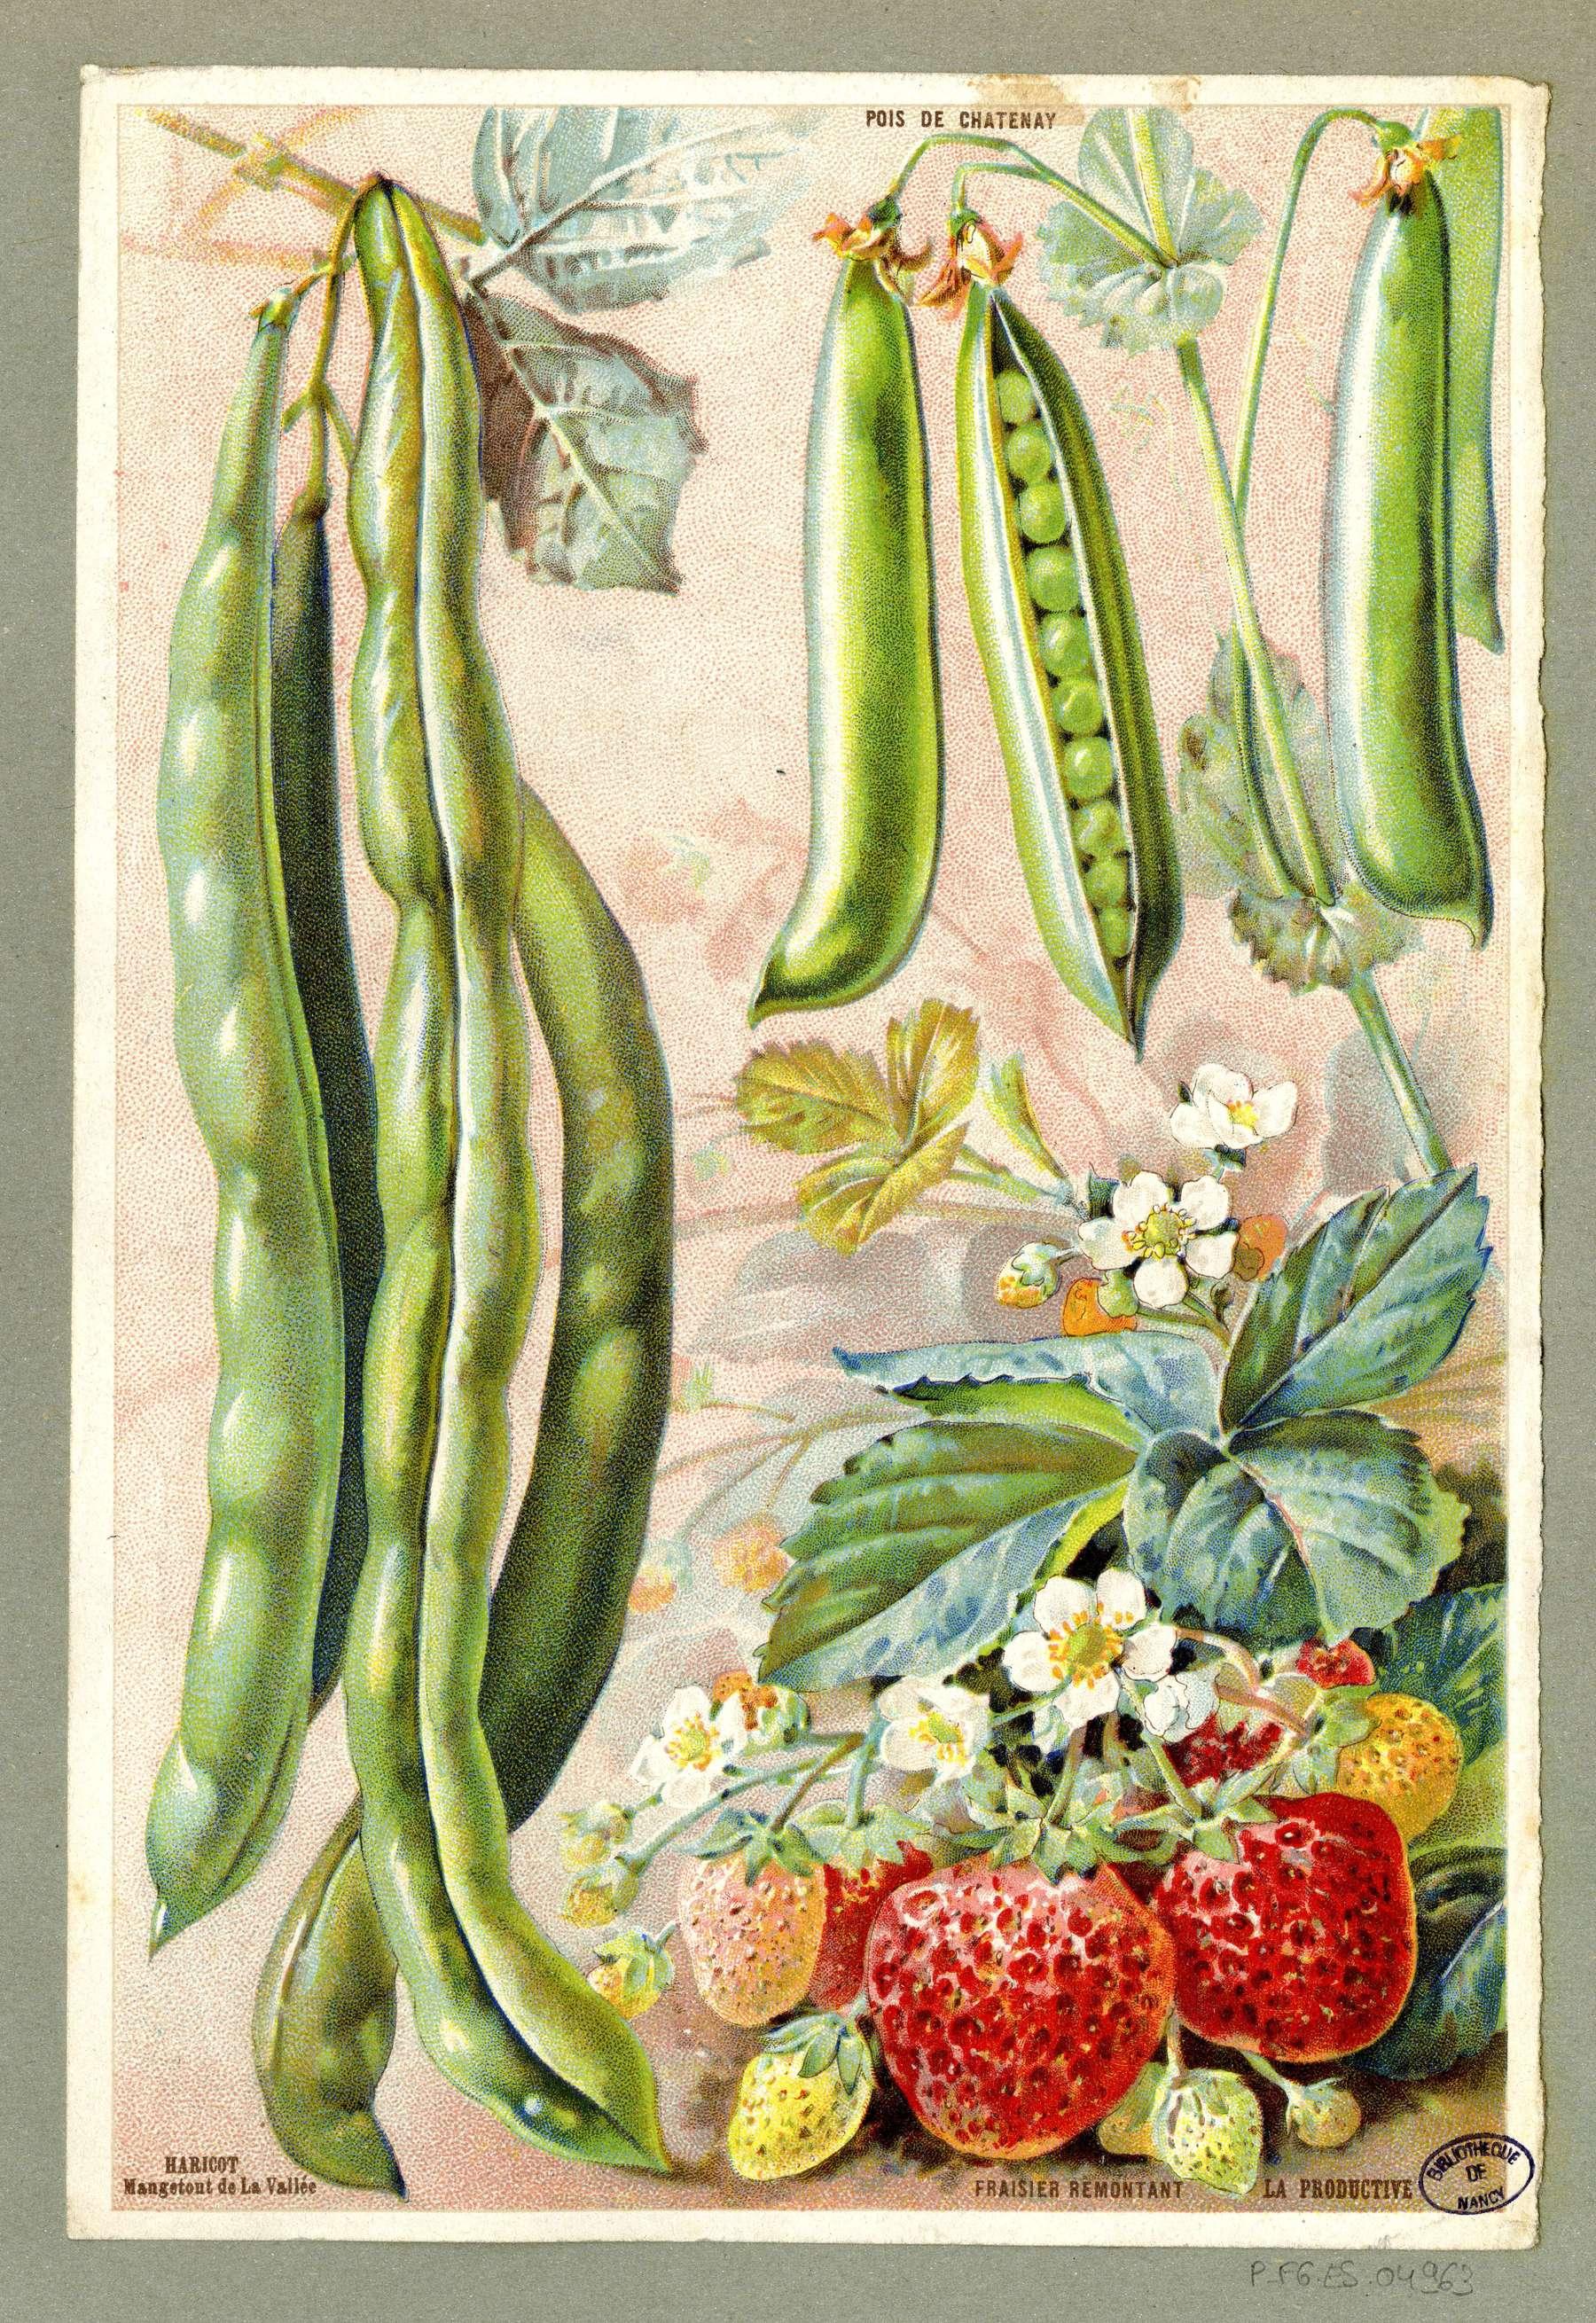 Contenu du Fruits et légumes